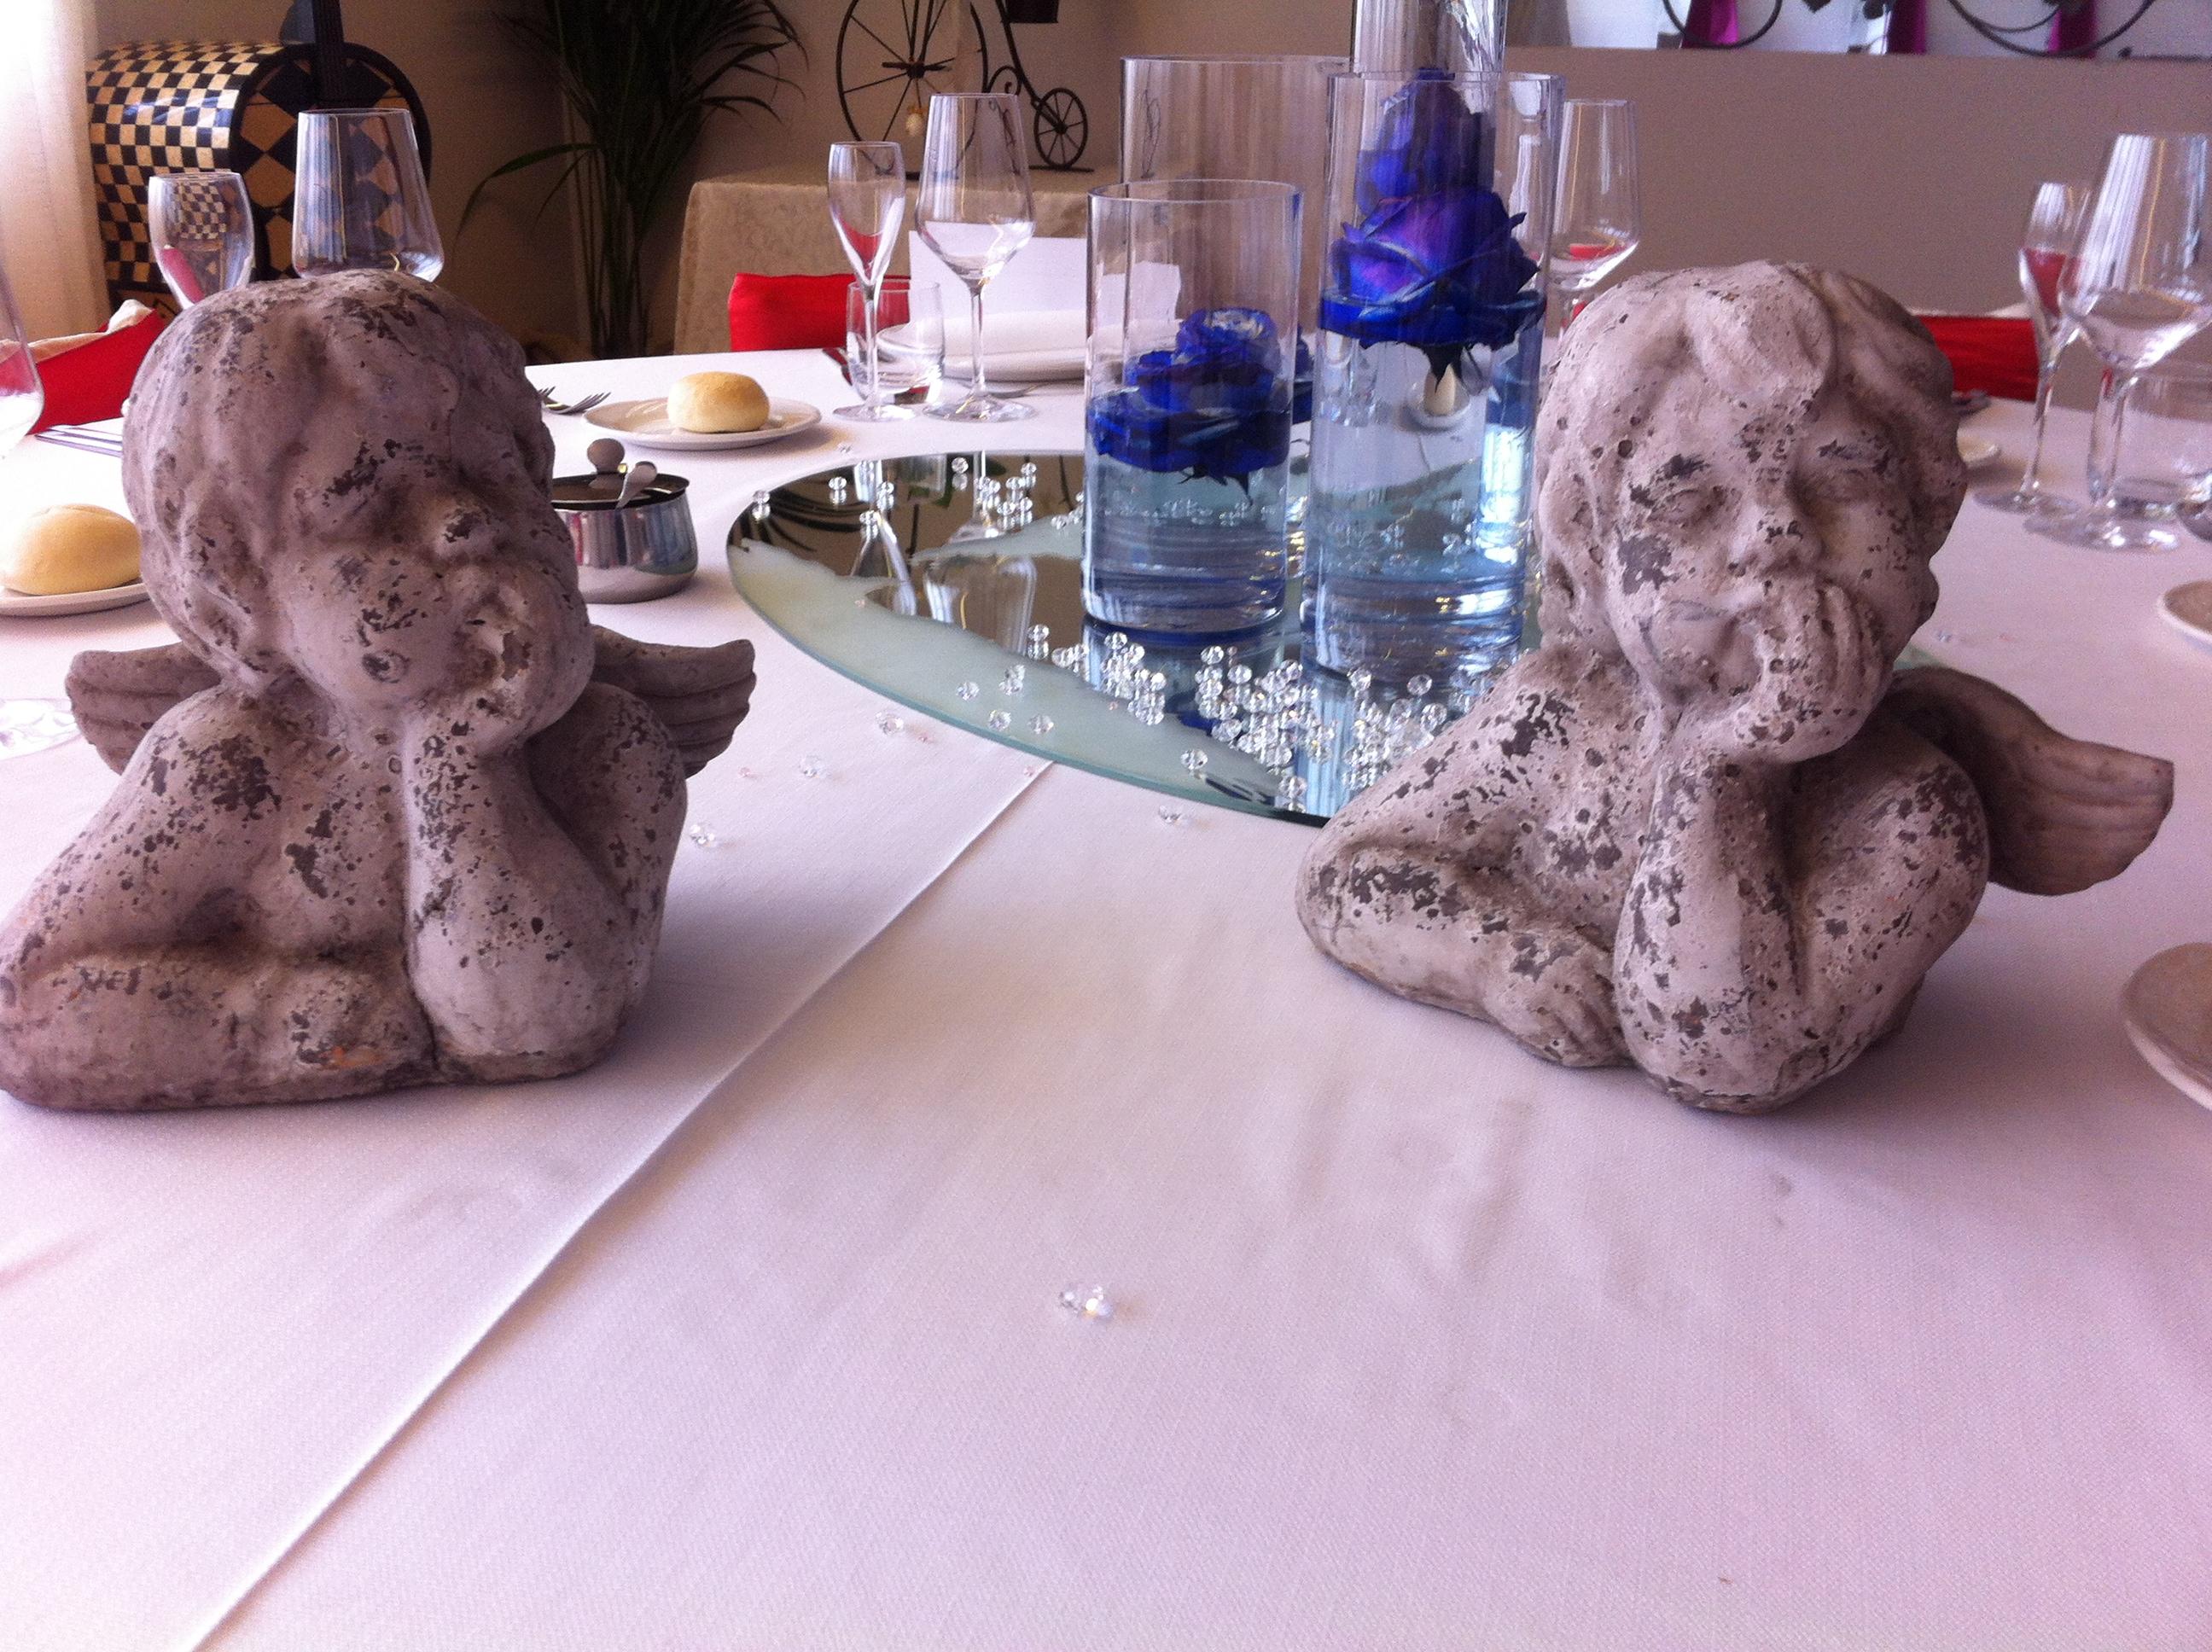 tavola con fiori di ristorante per cresime